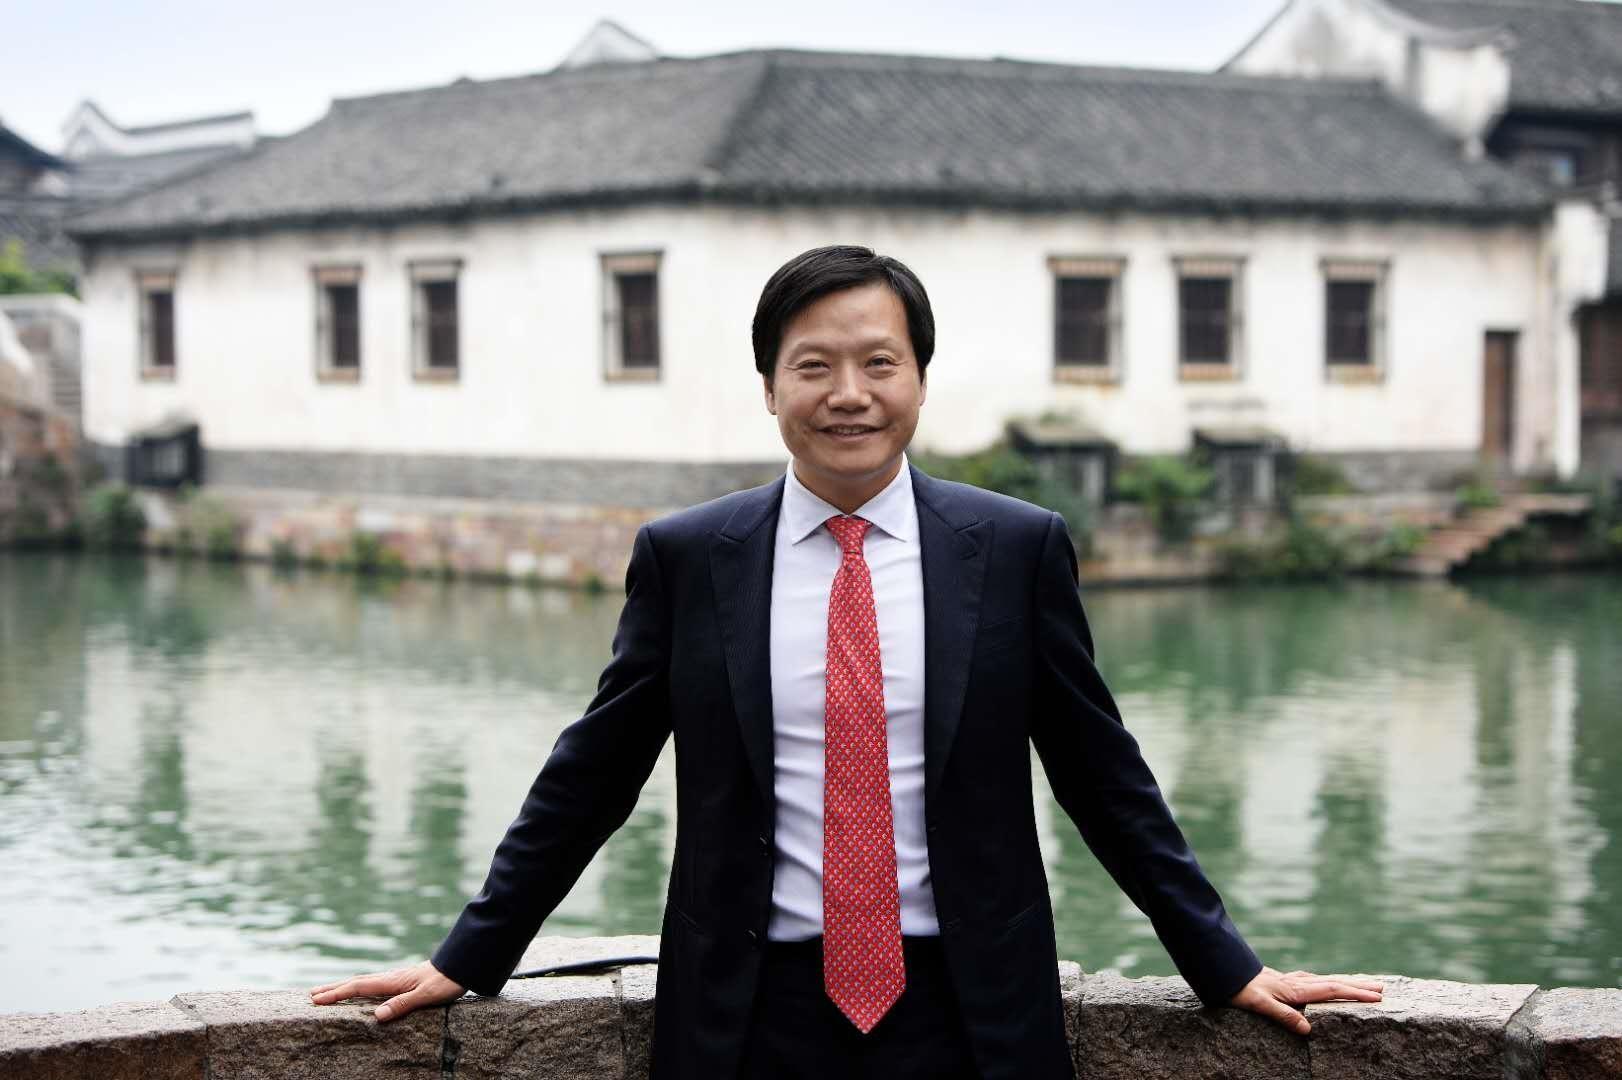 雷军谈小米9年带来的最大变化:消灭了中国的山寨机